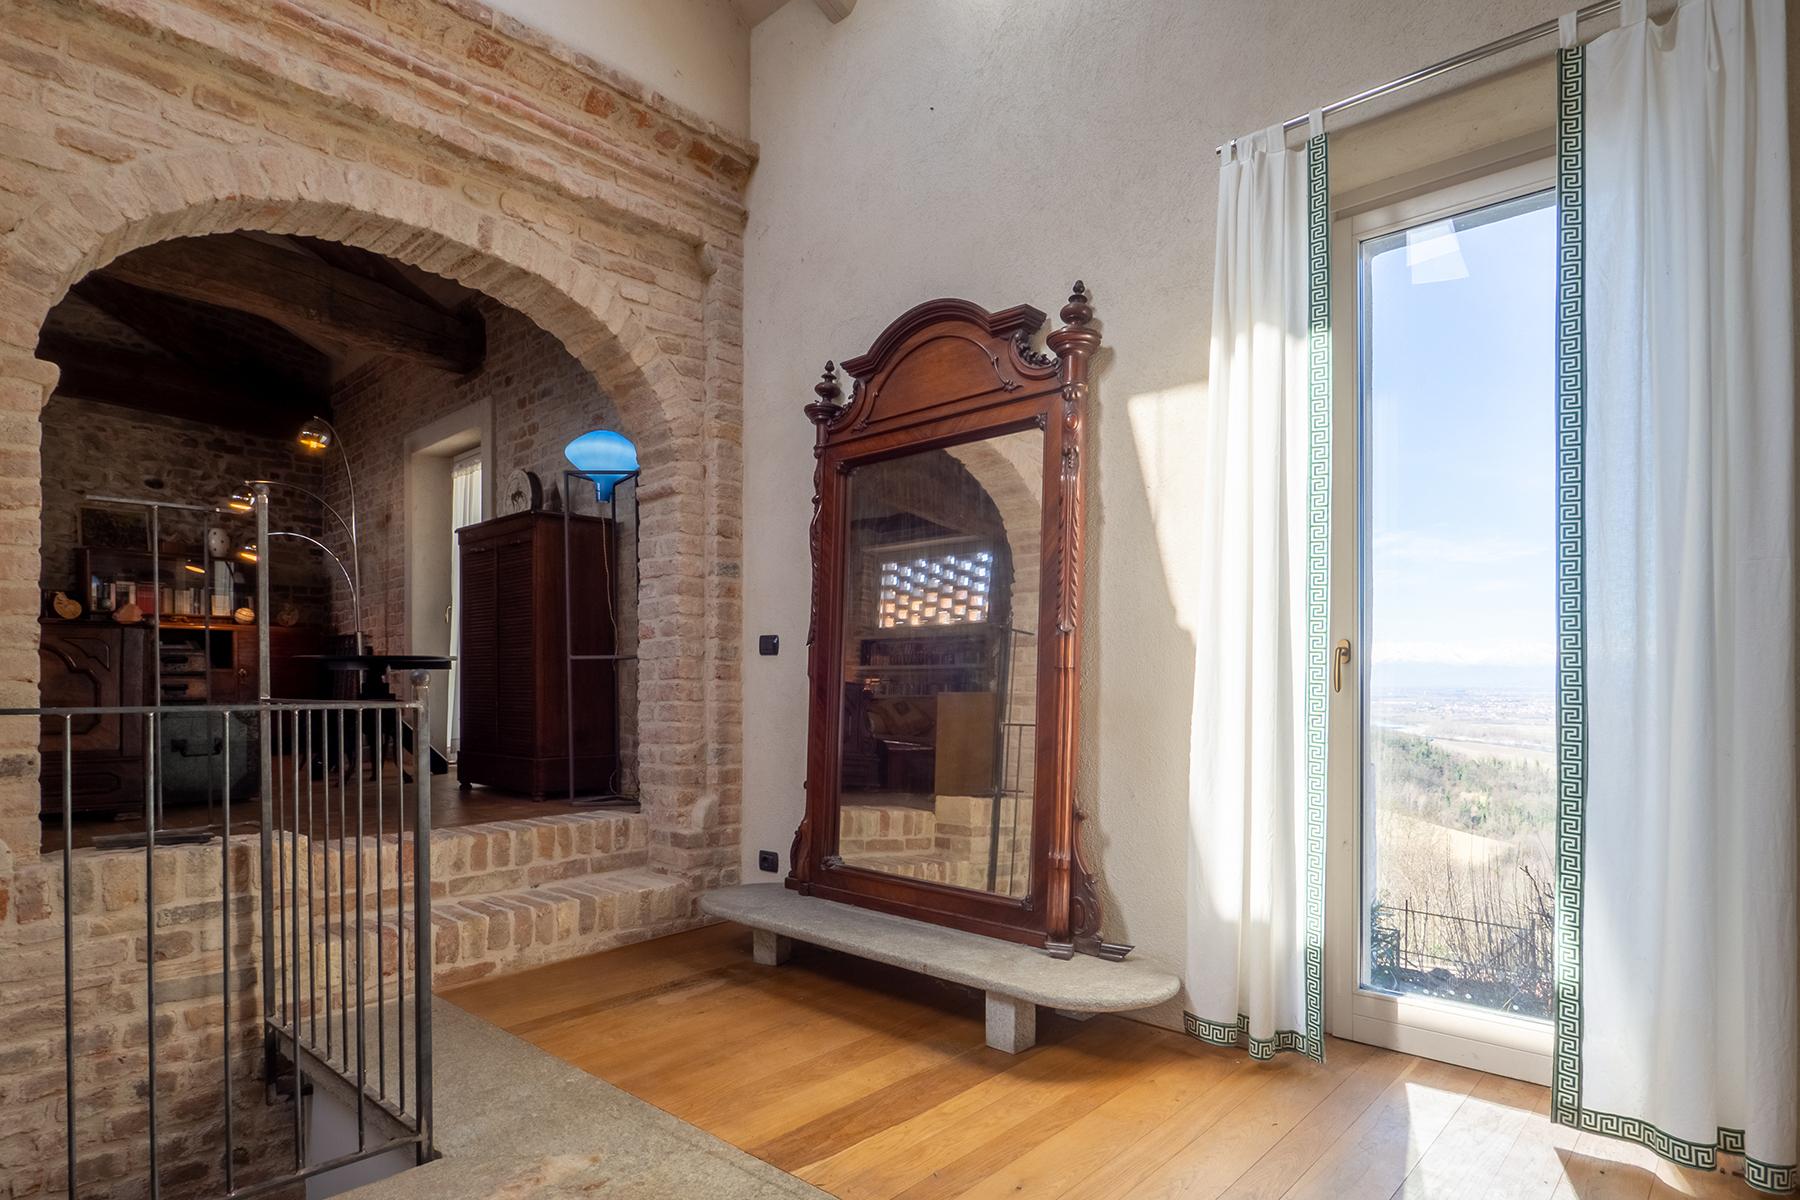 Casa indipendente in Vendita a Moncestino: 5 locali, 300 mq - Foto 11